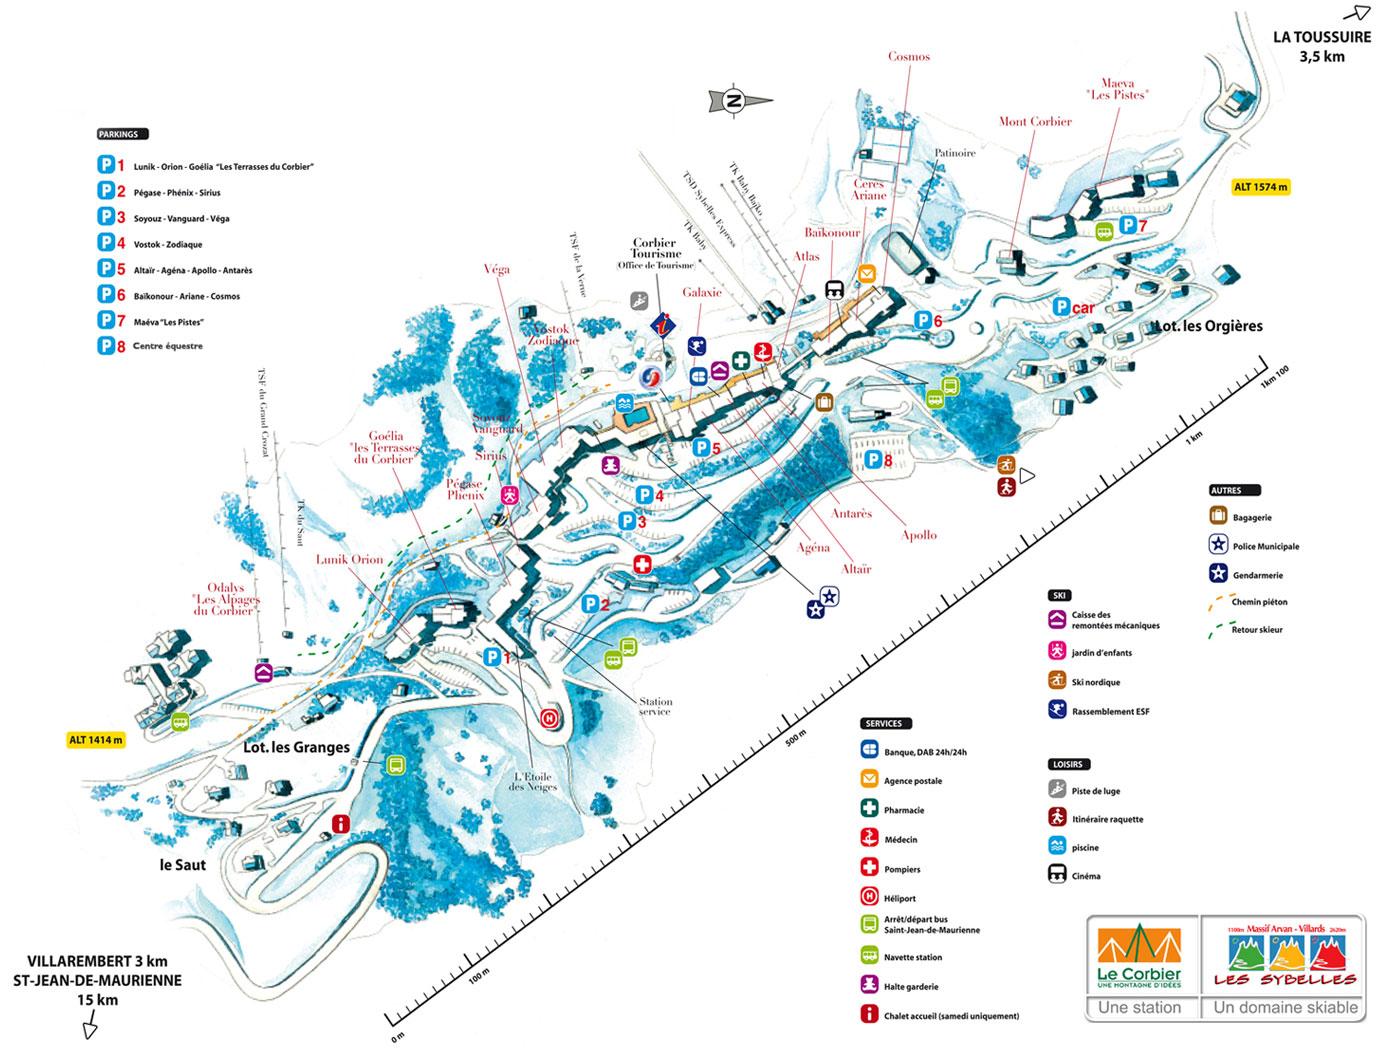 Plan d'accès Le Corbier